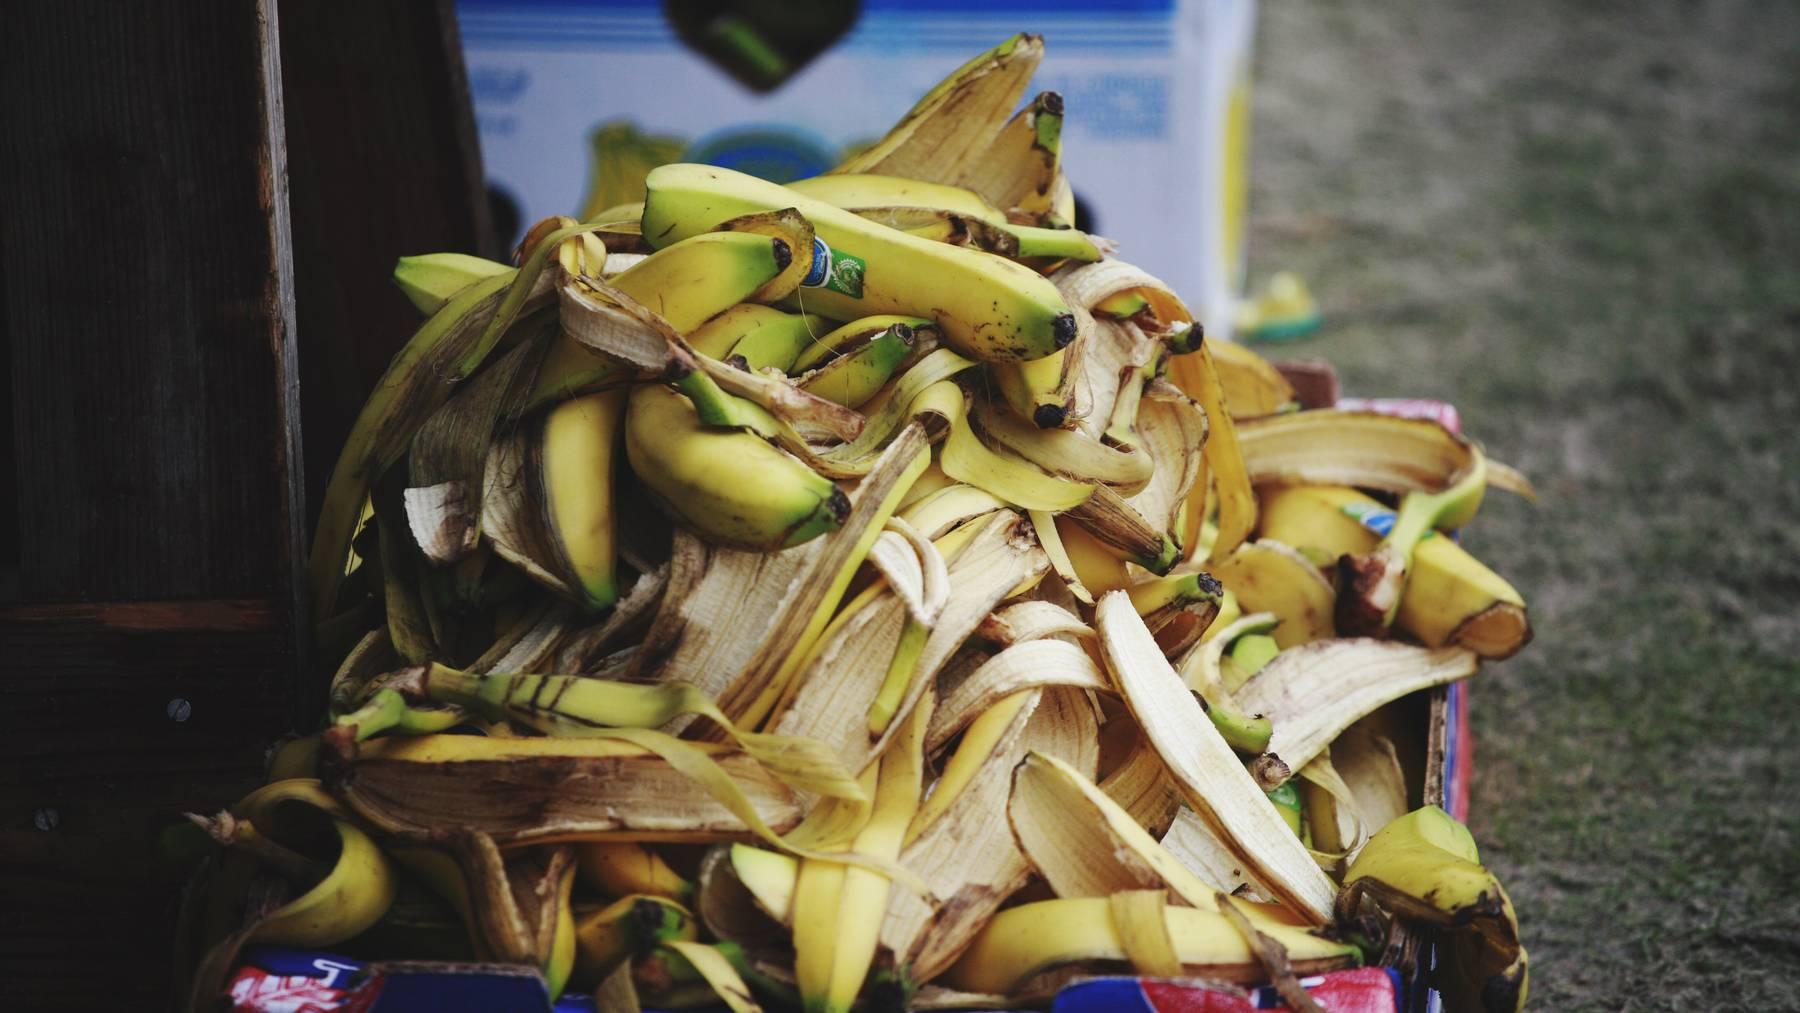 Schweizerinnen und Schweizer konsumieren im Schnitt elf Kilogramm Bananen pro Jahr. (Symbolbild)